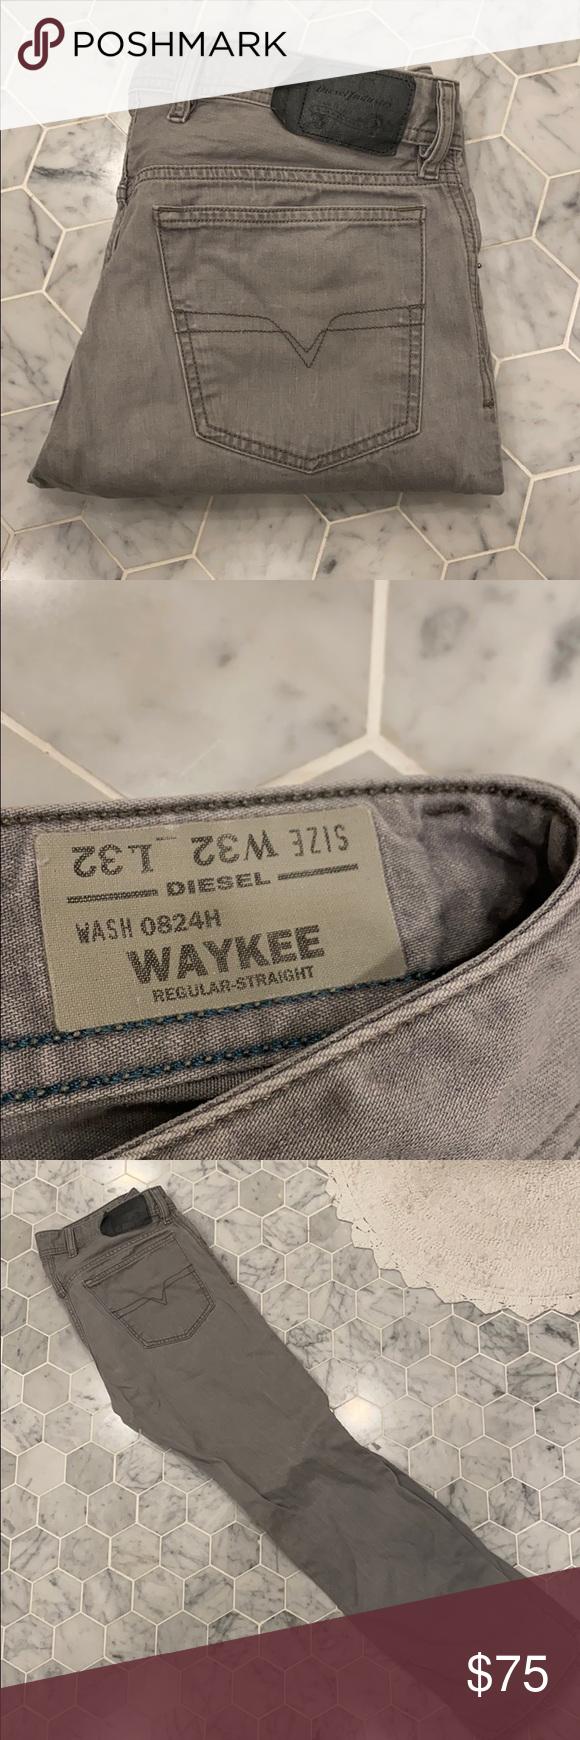 Diesel Jeans light gray Diesel Jeans Light gray W-32 L-32 Waykee Regular straight Wash- 0824H Diesel Jeans Straight